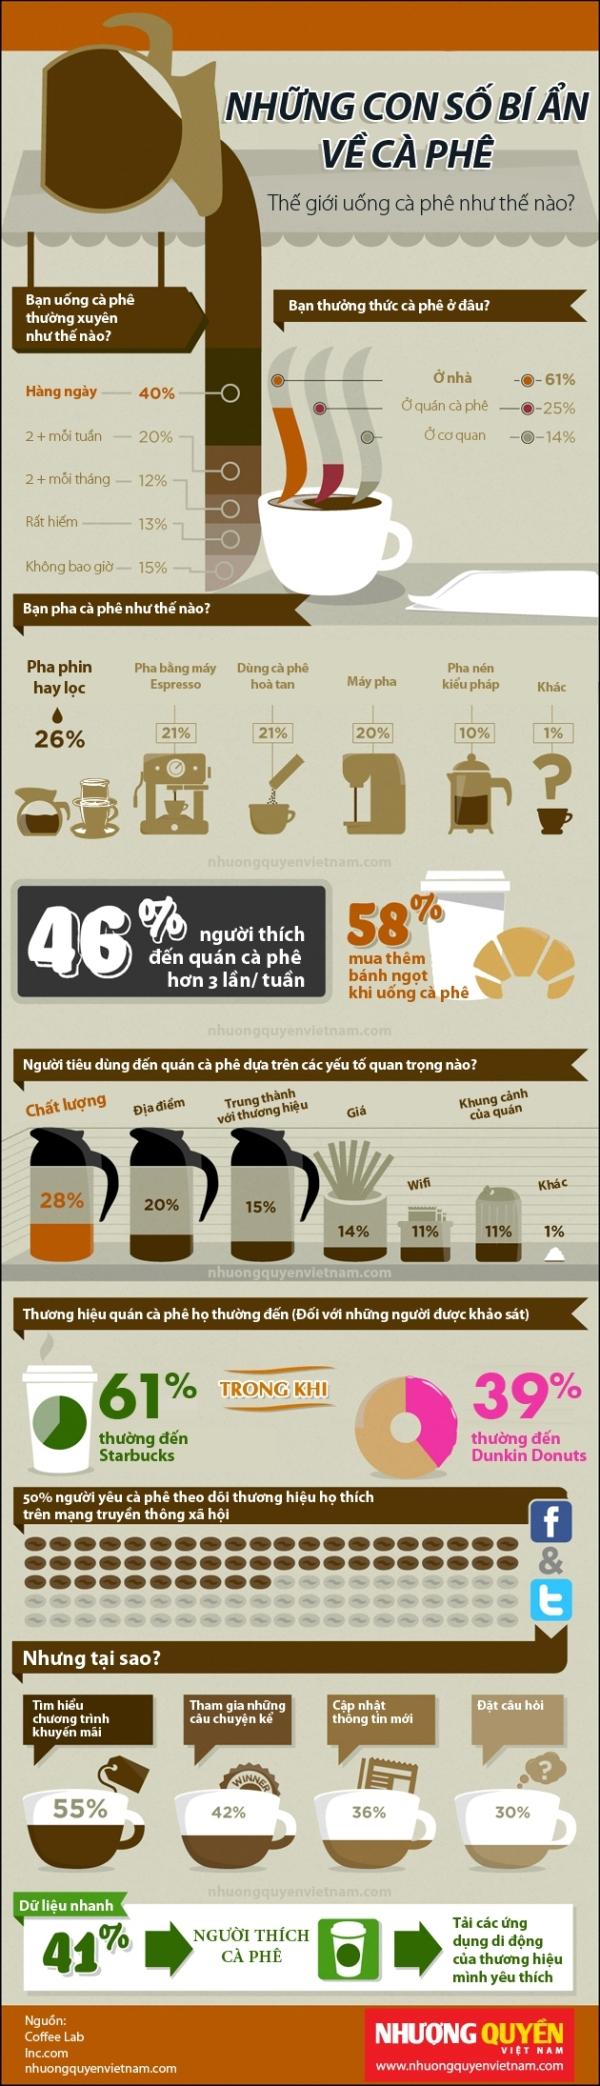 [Infographic] Những con số bí ẩn về cà phê (1)